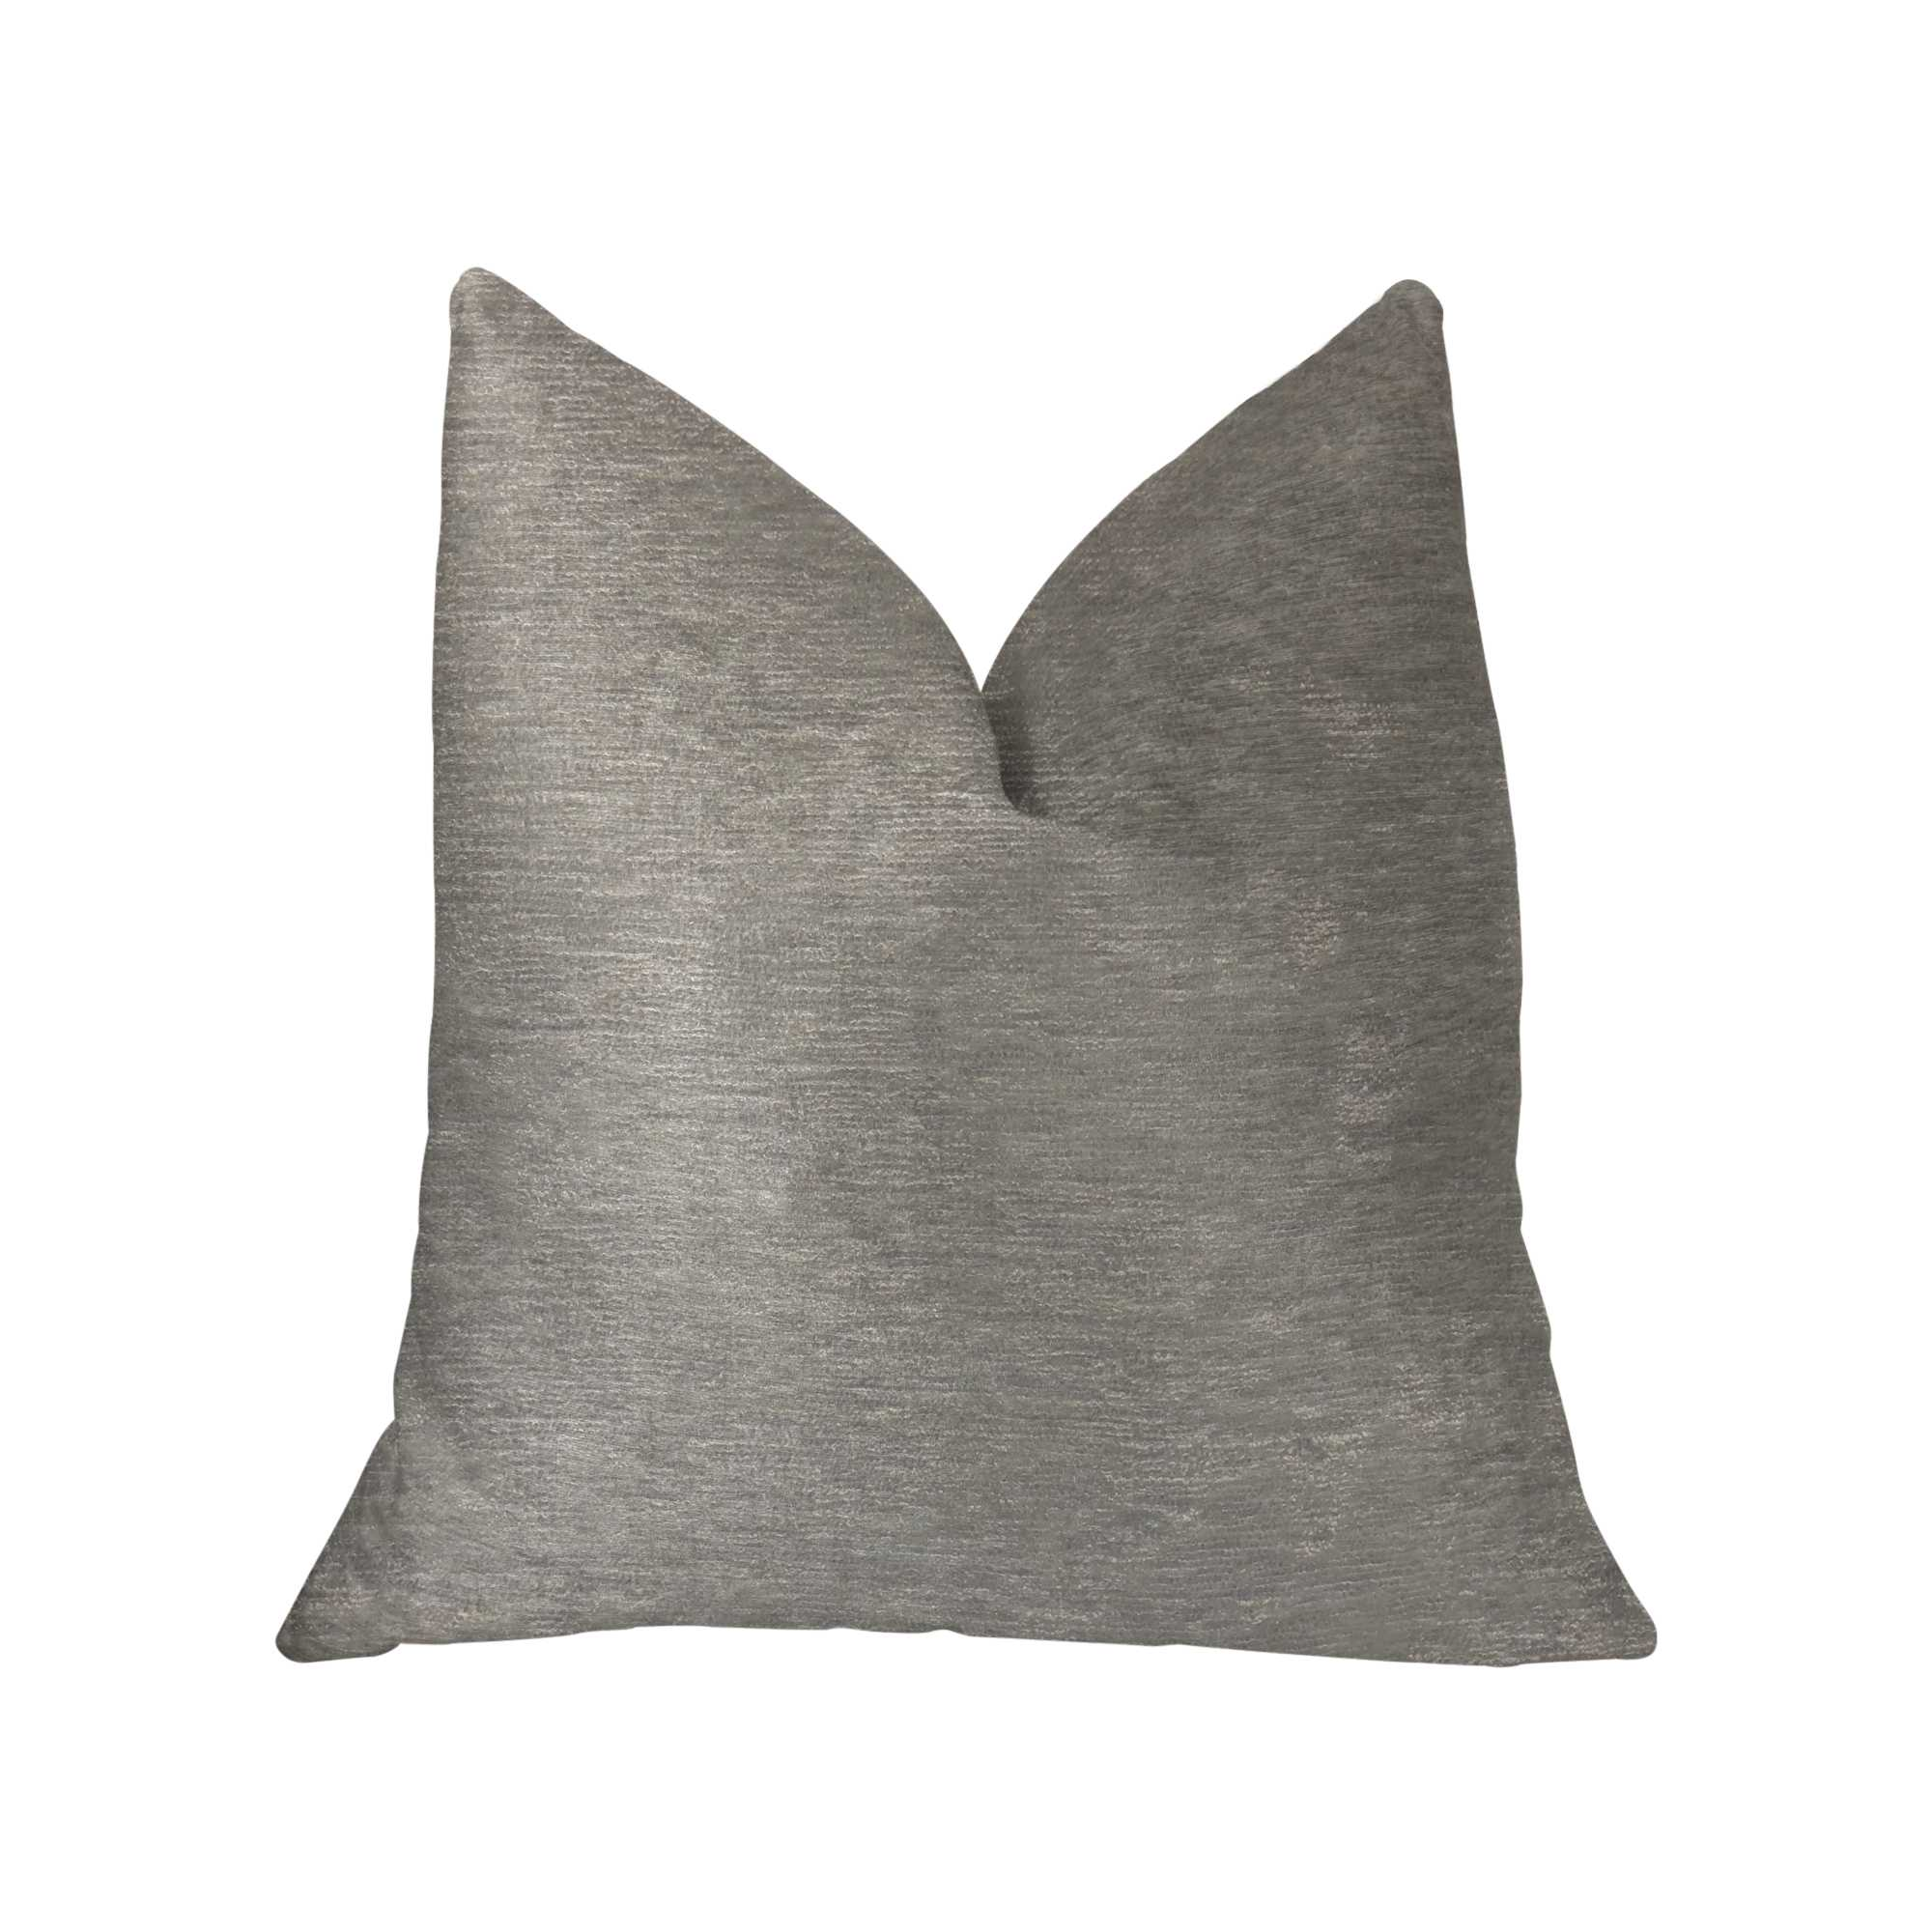 Velvet Cream and Ivory Luxury Throw Pillow 18in x 18in